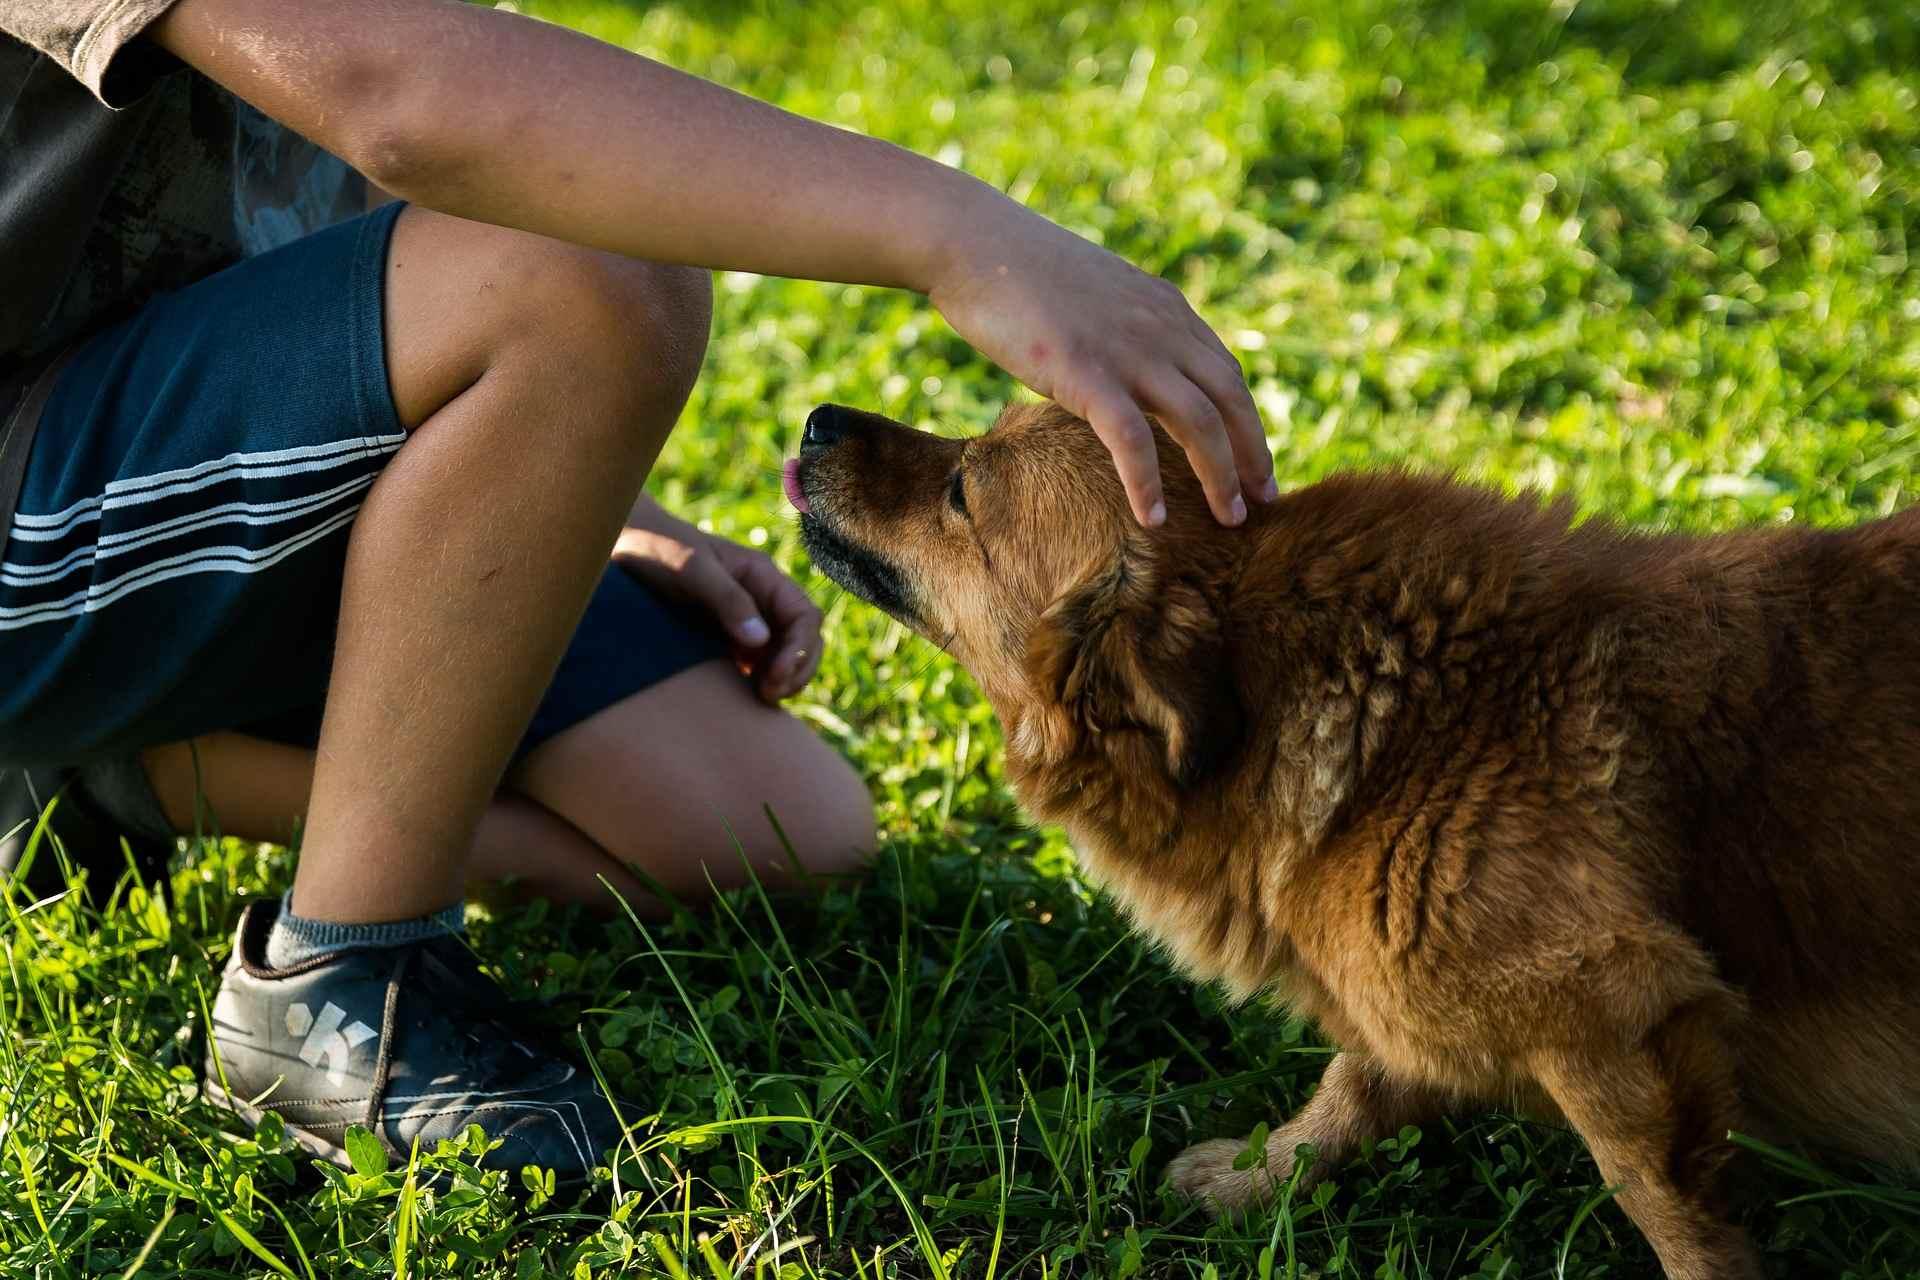 4. 狗的汗腺是透過伸出舌頭來控制體溫,如果使用口罩,可能難以控制體溫,特別是夏天太陽炎熱時。